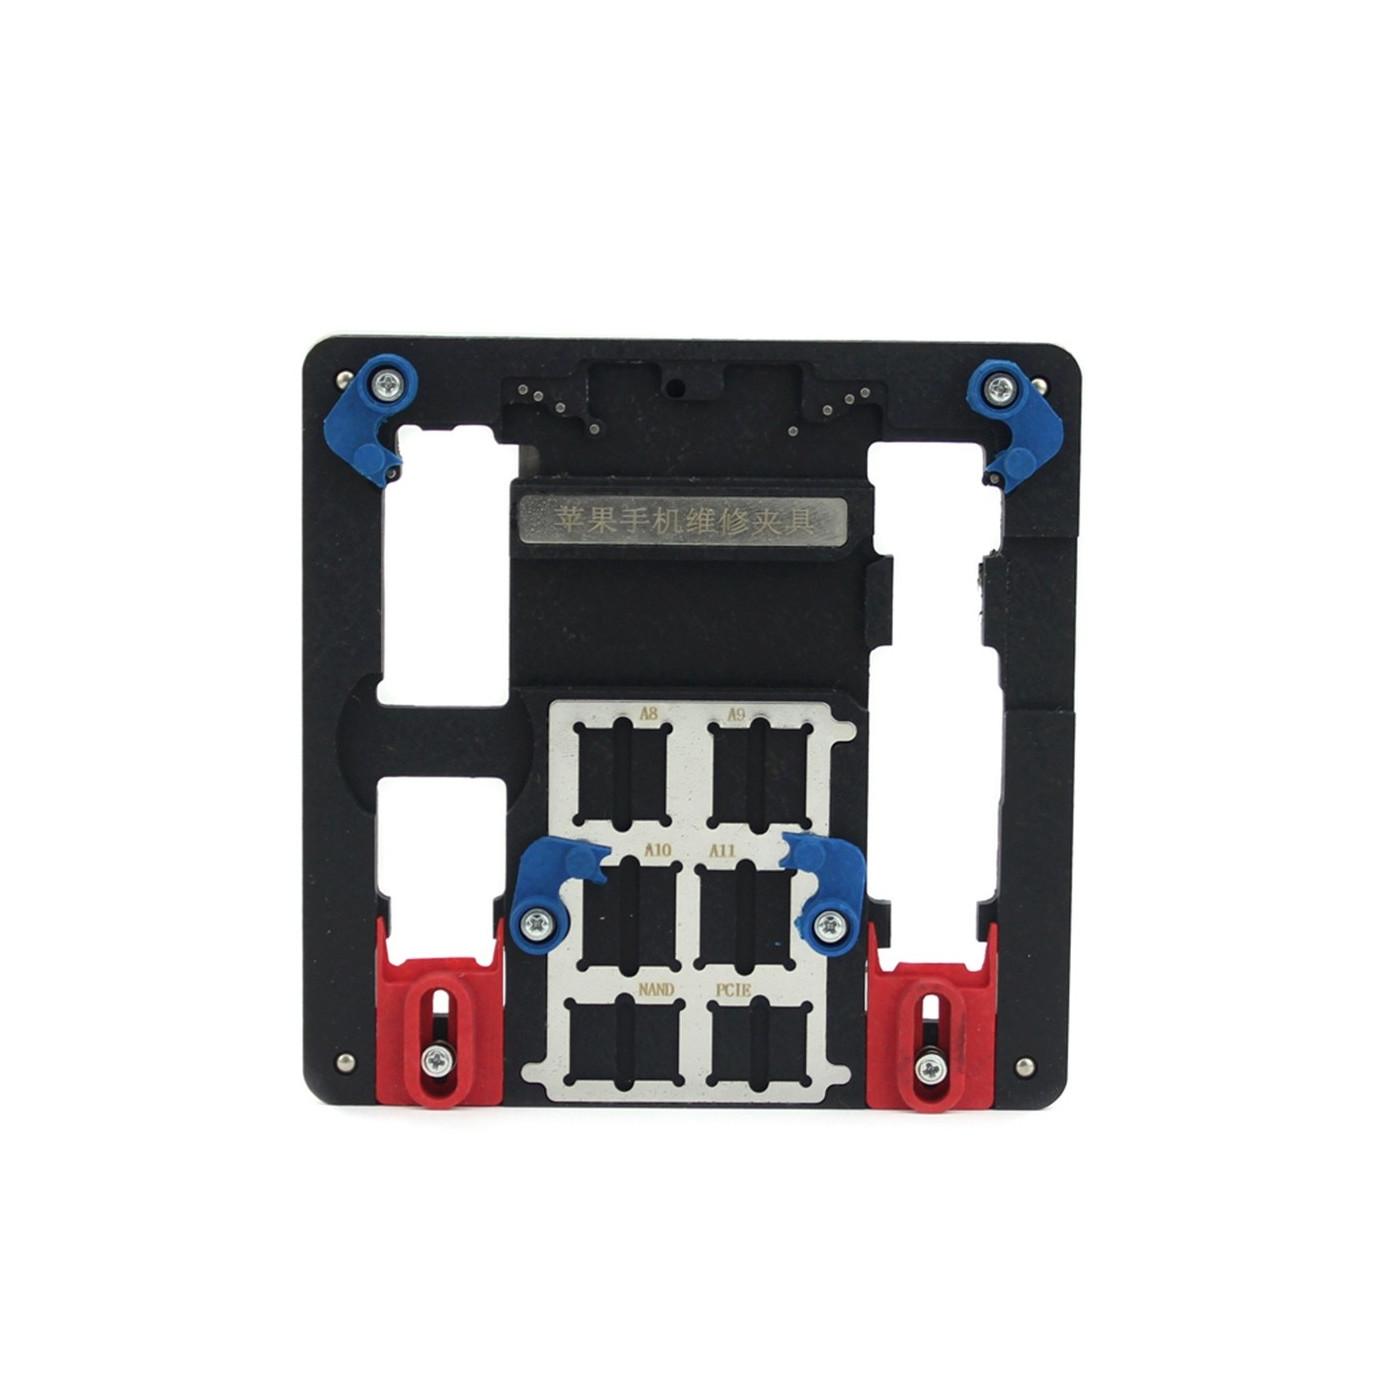 Assistance pour la réparation de la carte de téléphone portable 8 Plus - 8 - 7 Plus - 7 - 6s Plus - 6s - 6 Plus - 6